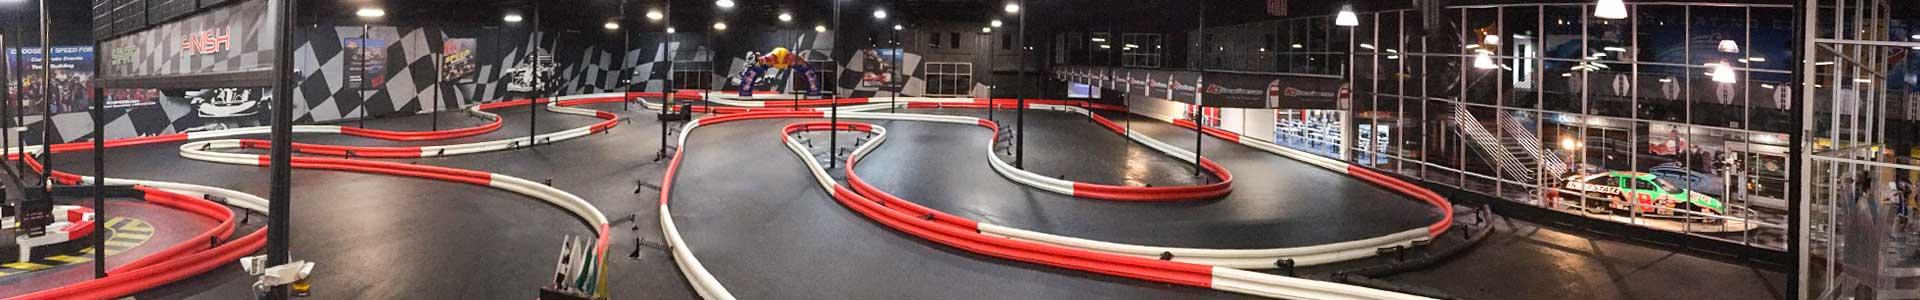 K1 Speed Indoor Go Kart Racing Sacramento